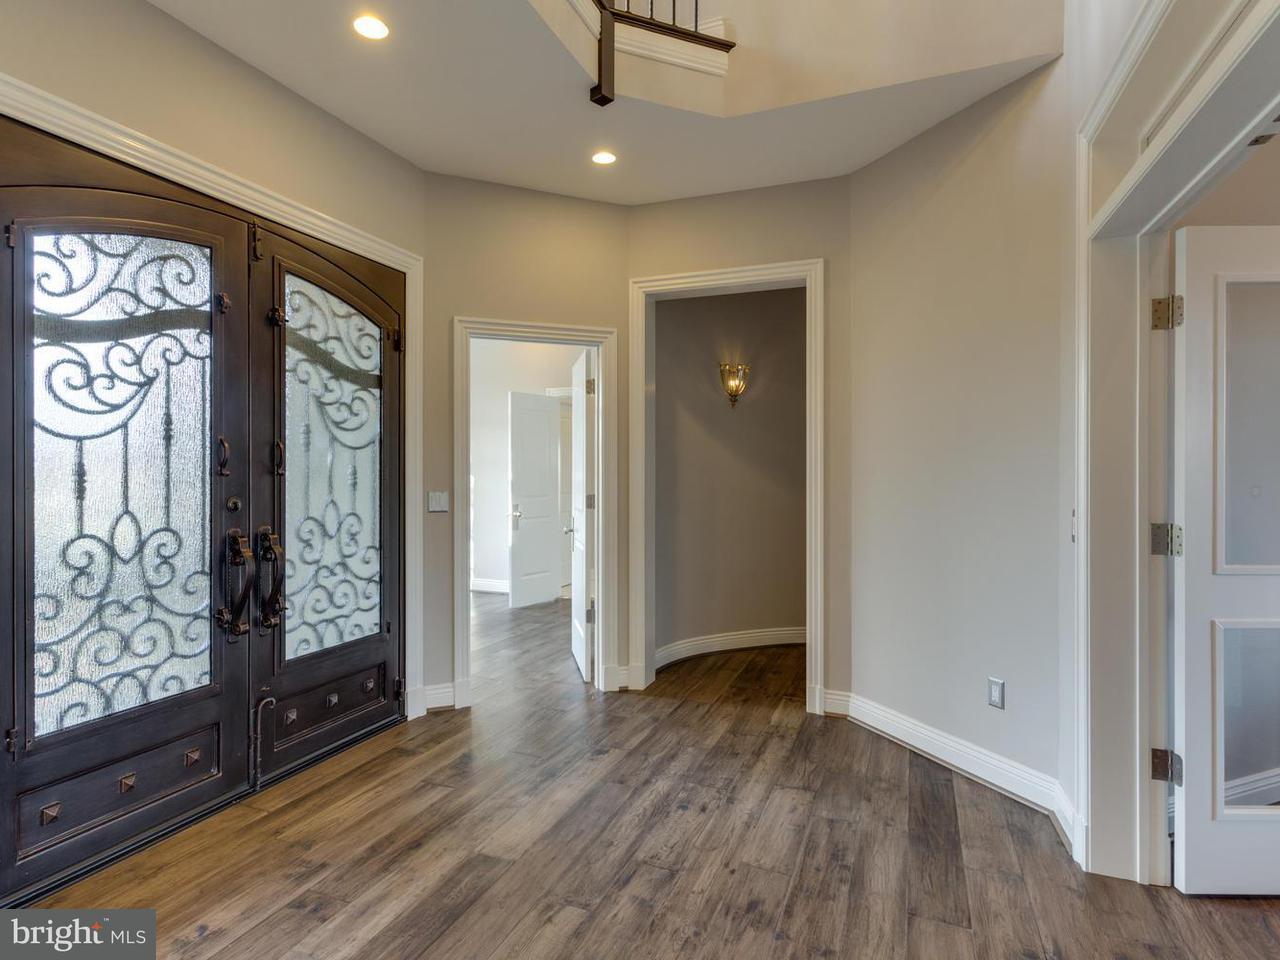 一戸建て のために 売買 アット 15850 SPYGLASS HILL LOOP LOOP 15850 SPYGLASS HILL LOOP LOOP Gainesville, バージニア 20155 アメリカ合衆国